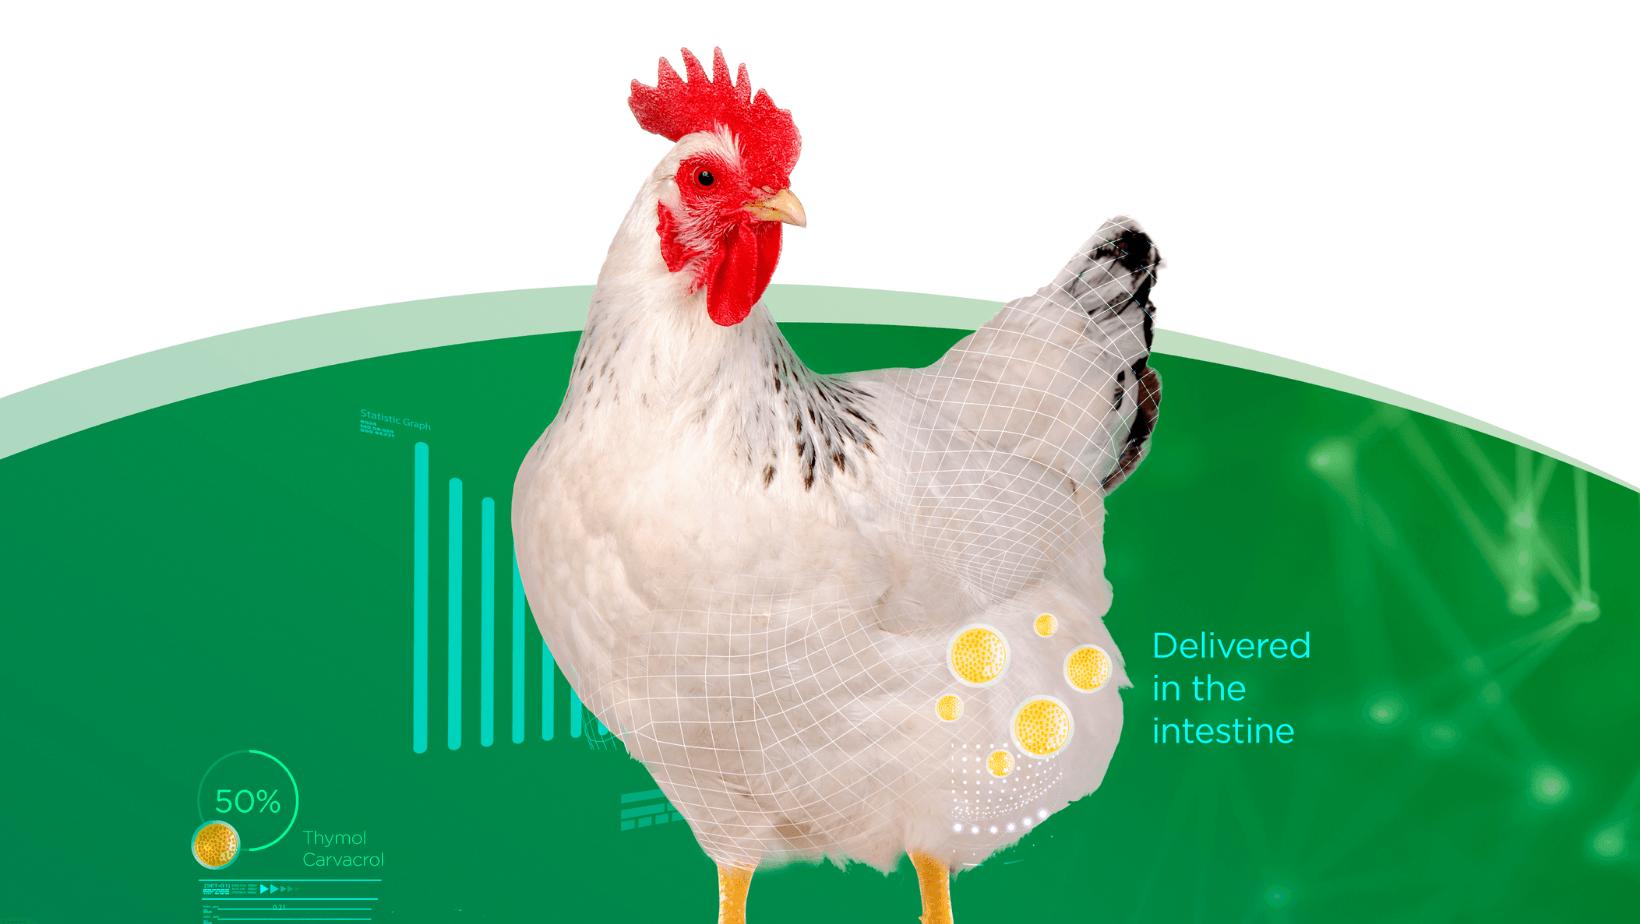 Une solution essentielle pour la santé intestinale des poulets